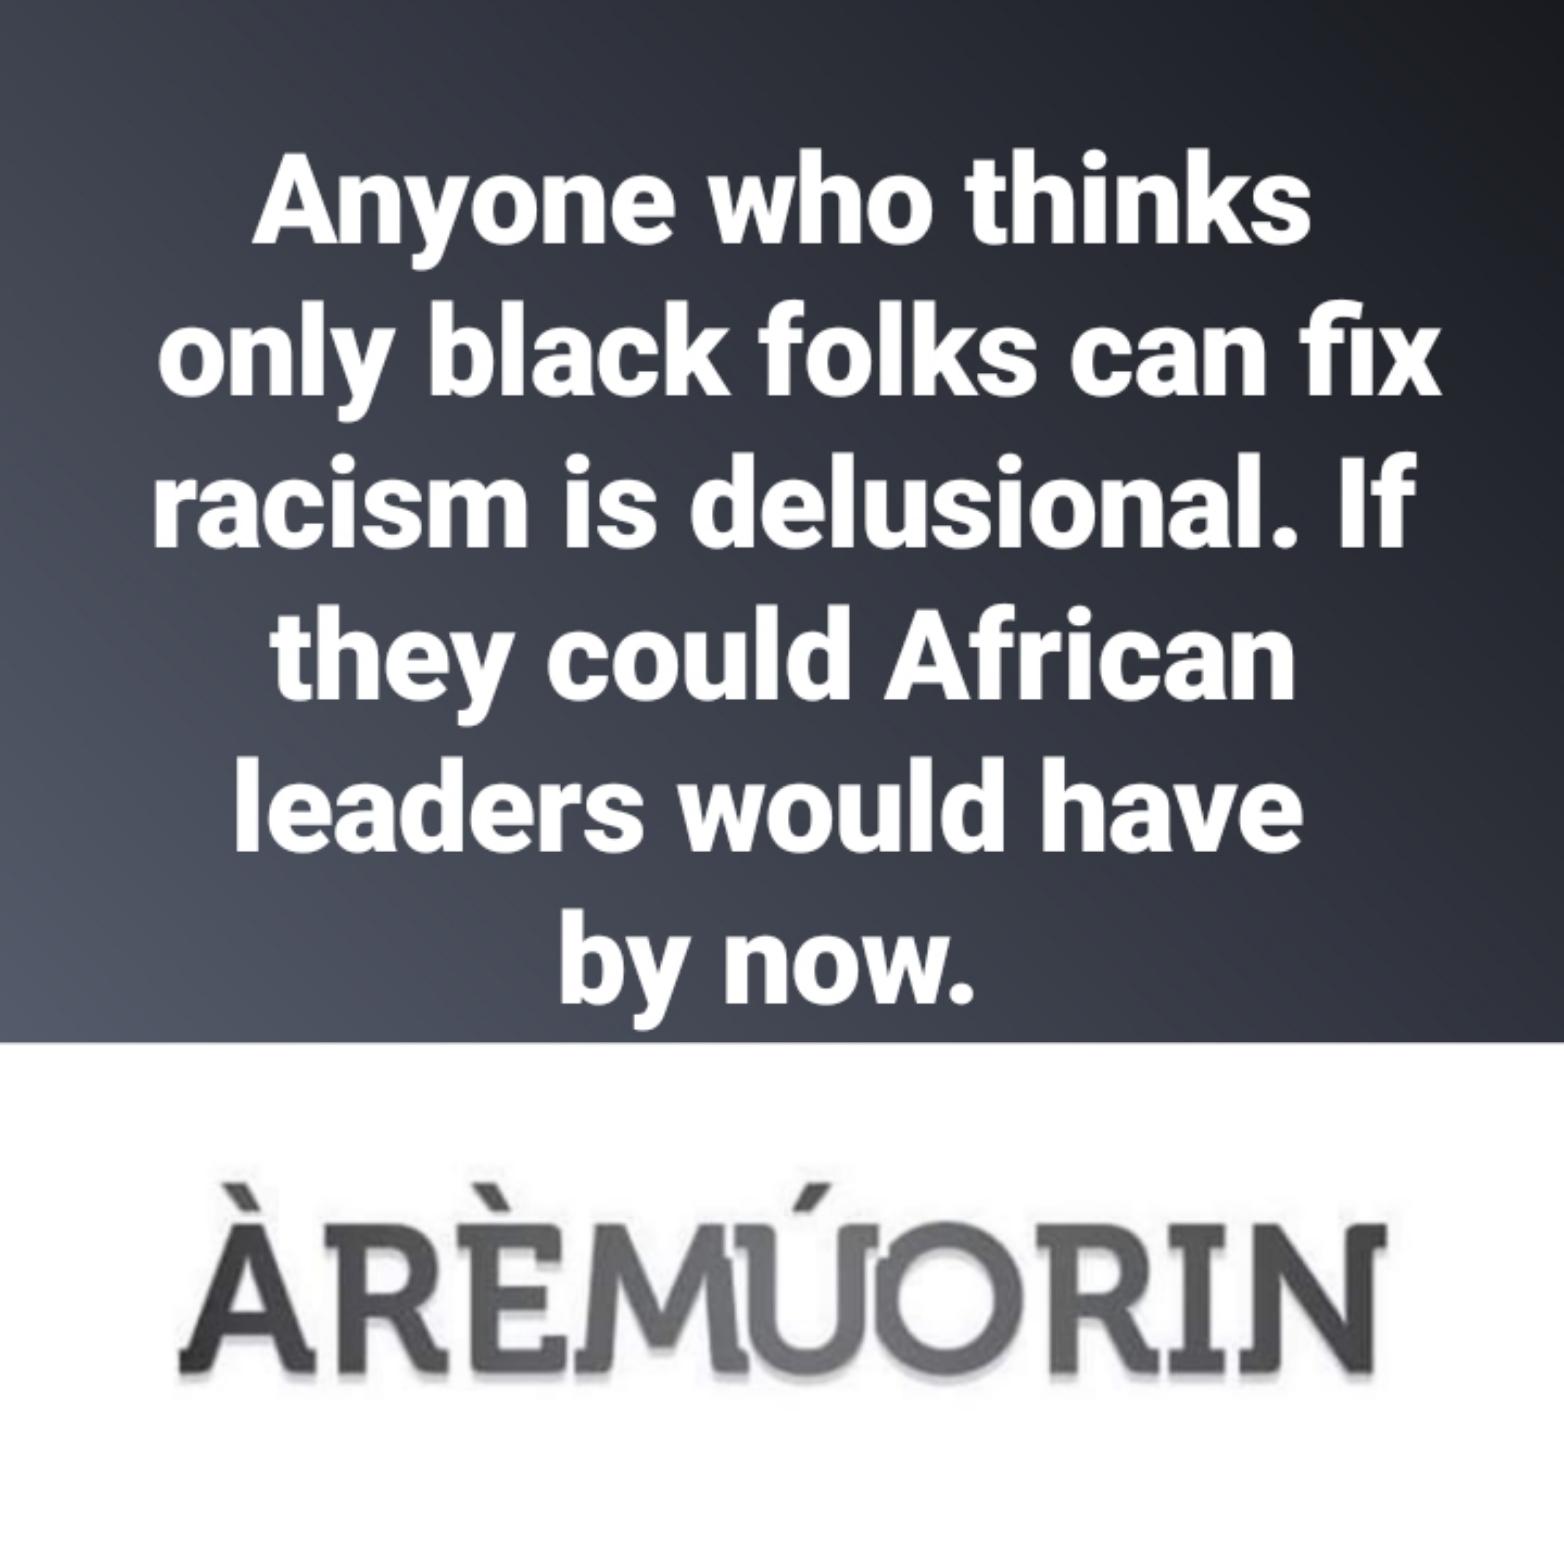 RACISM - Africa - Aremuorin